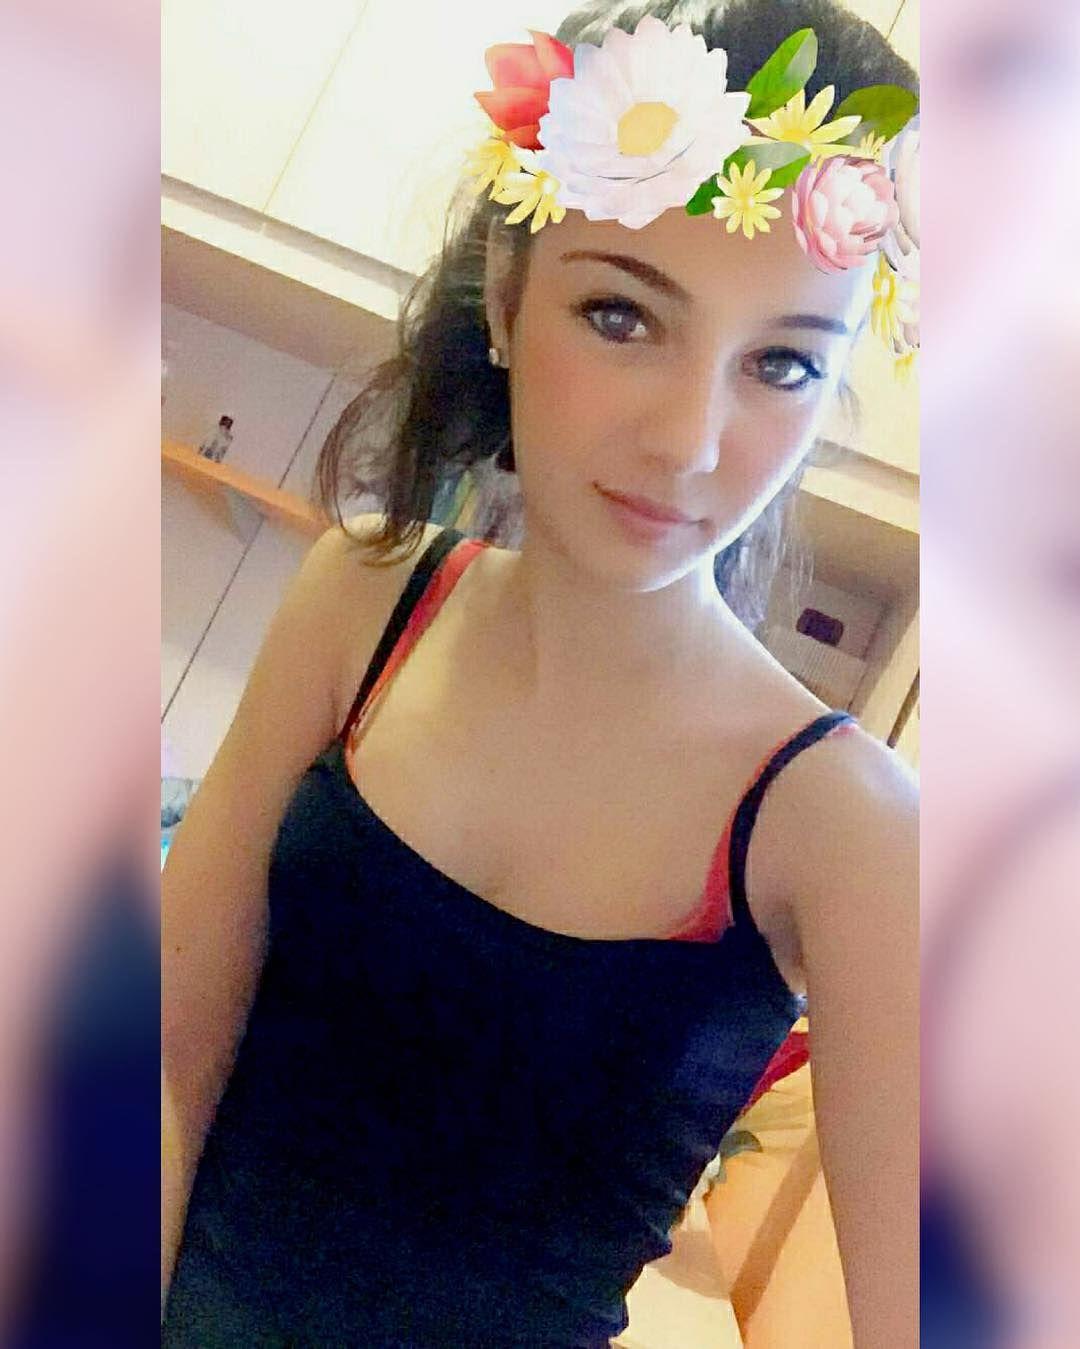 """""""La vera eleganza di una persona si svela tra ciò che fa e ciò che dice"""".  #Snapchat latemperaura . . . #Flowers #Instafollow by ericaasortino"""